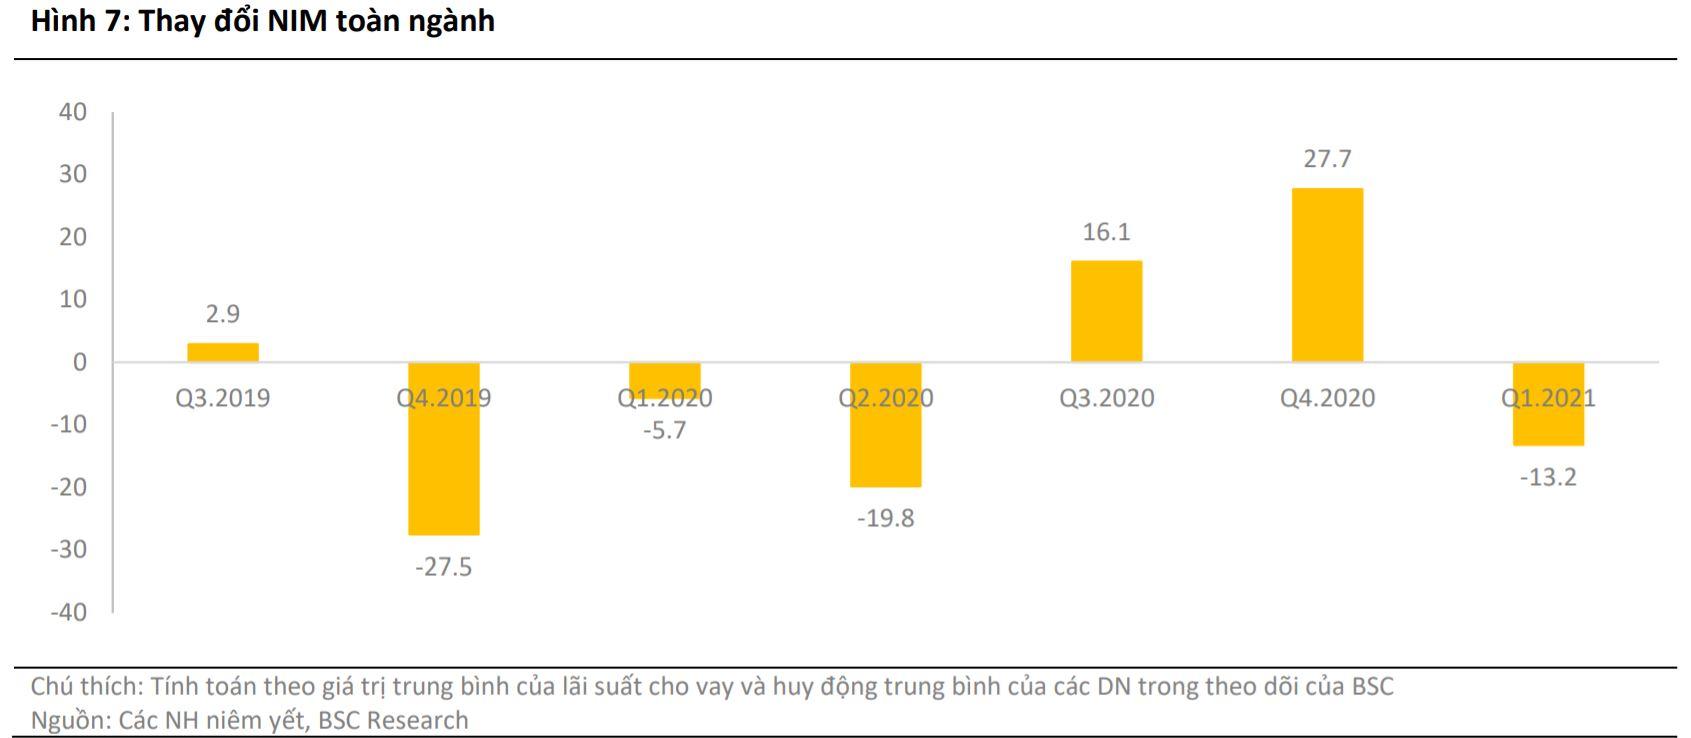 Cổ phiếu ngân hàng được định giá lại giữa cơn sóng tăng giá: Cao nhất 135.000 đồng/cp, nhiều mã mục tiêu trên 60.000 đồng/cp - Ảnh 3.